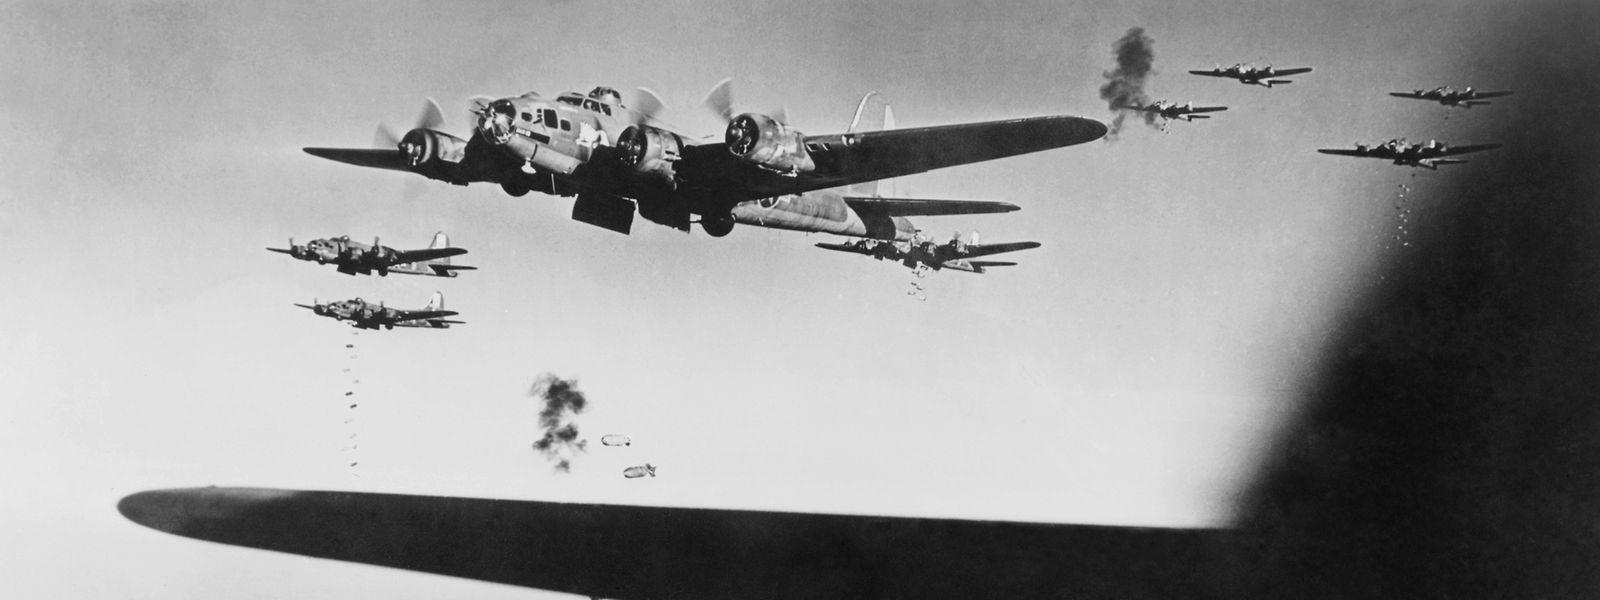 Solche B-17 Bomber flogen auch die Angriffe auf Luxemburg. Das Bild zeigt ein Bombardement auf Meudon (F) aus dem Jahr 1943.